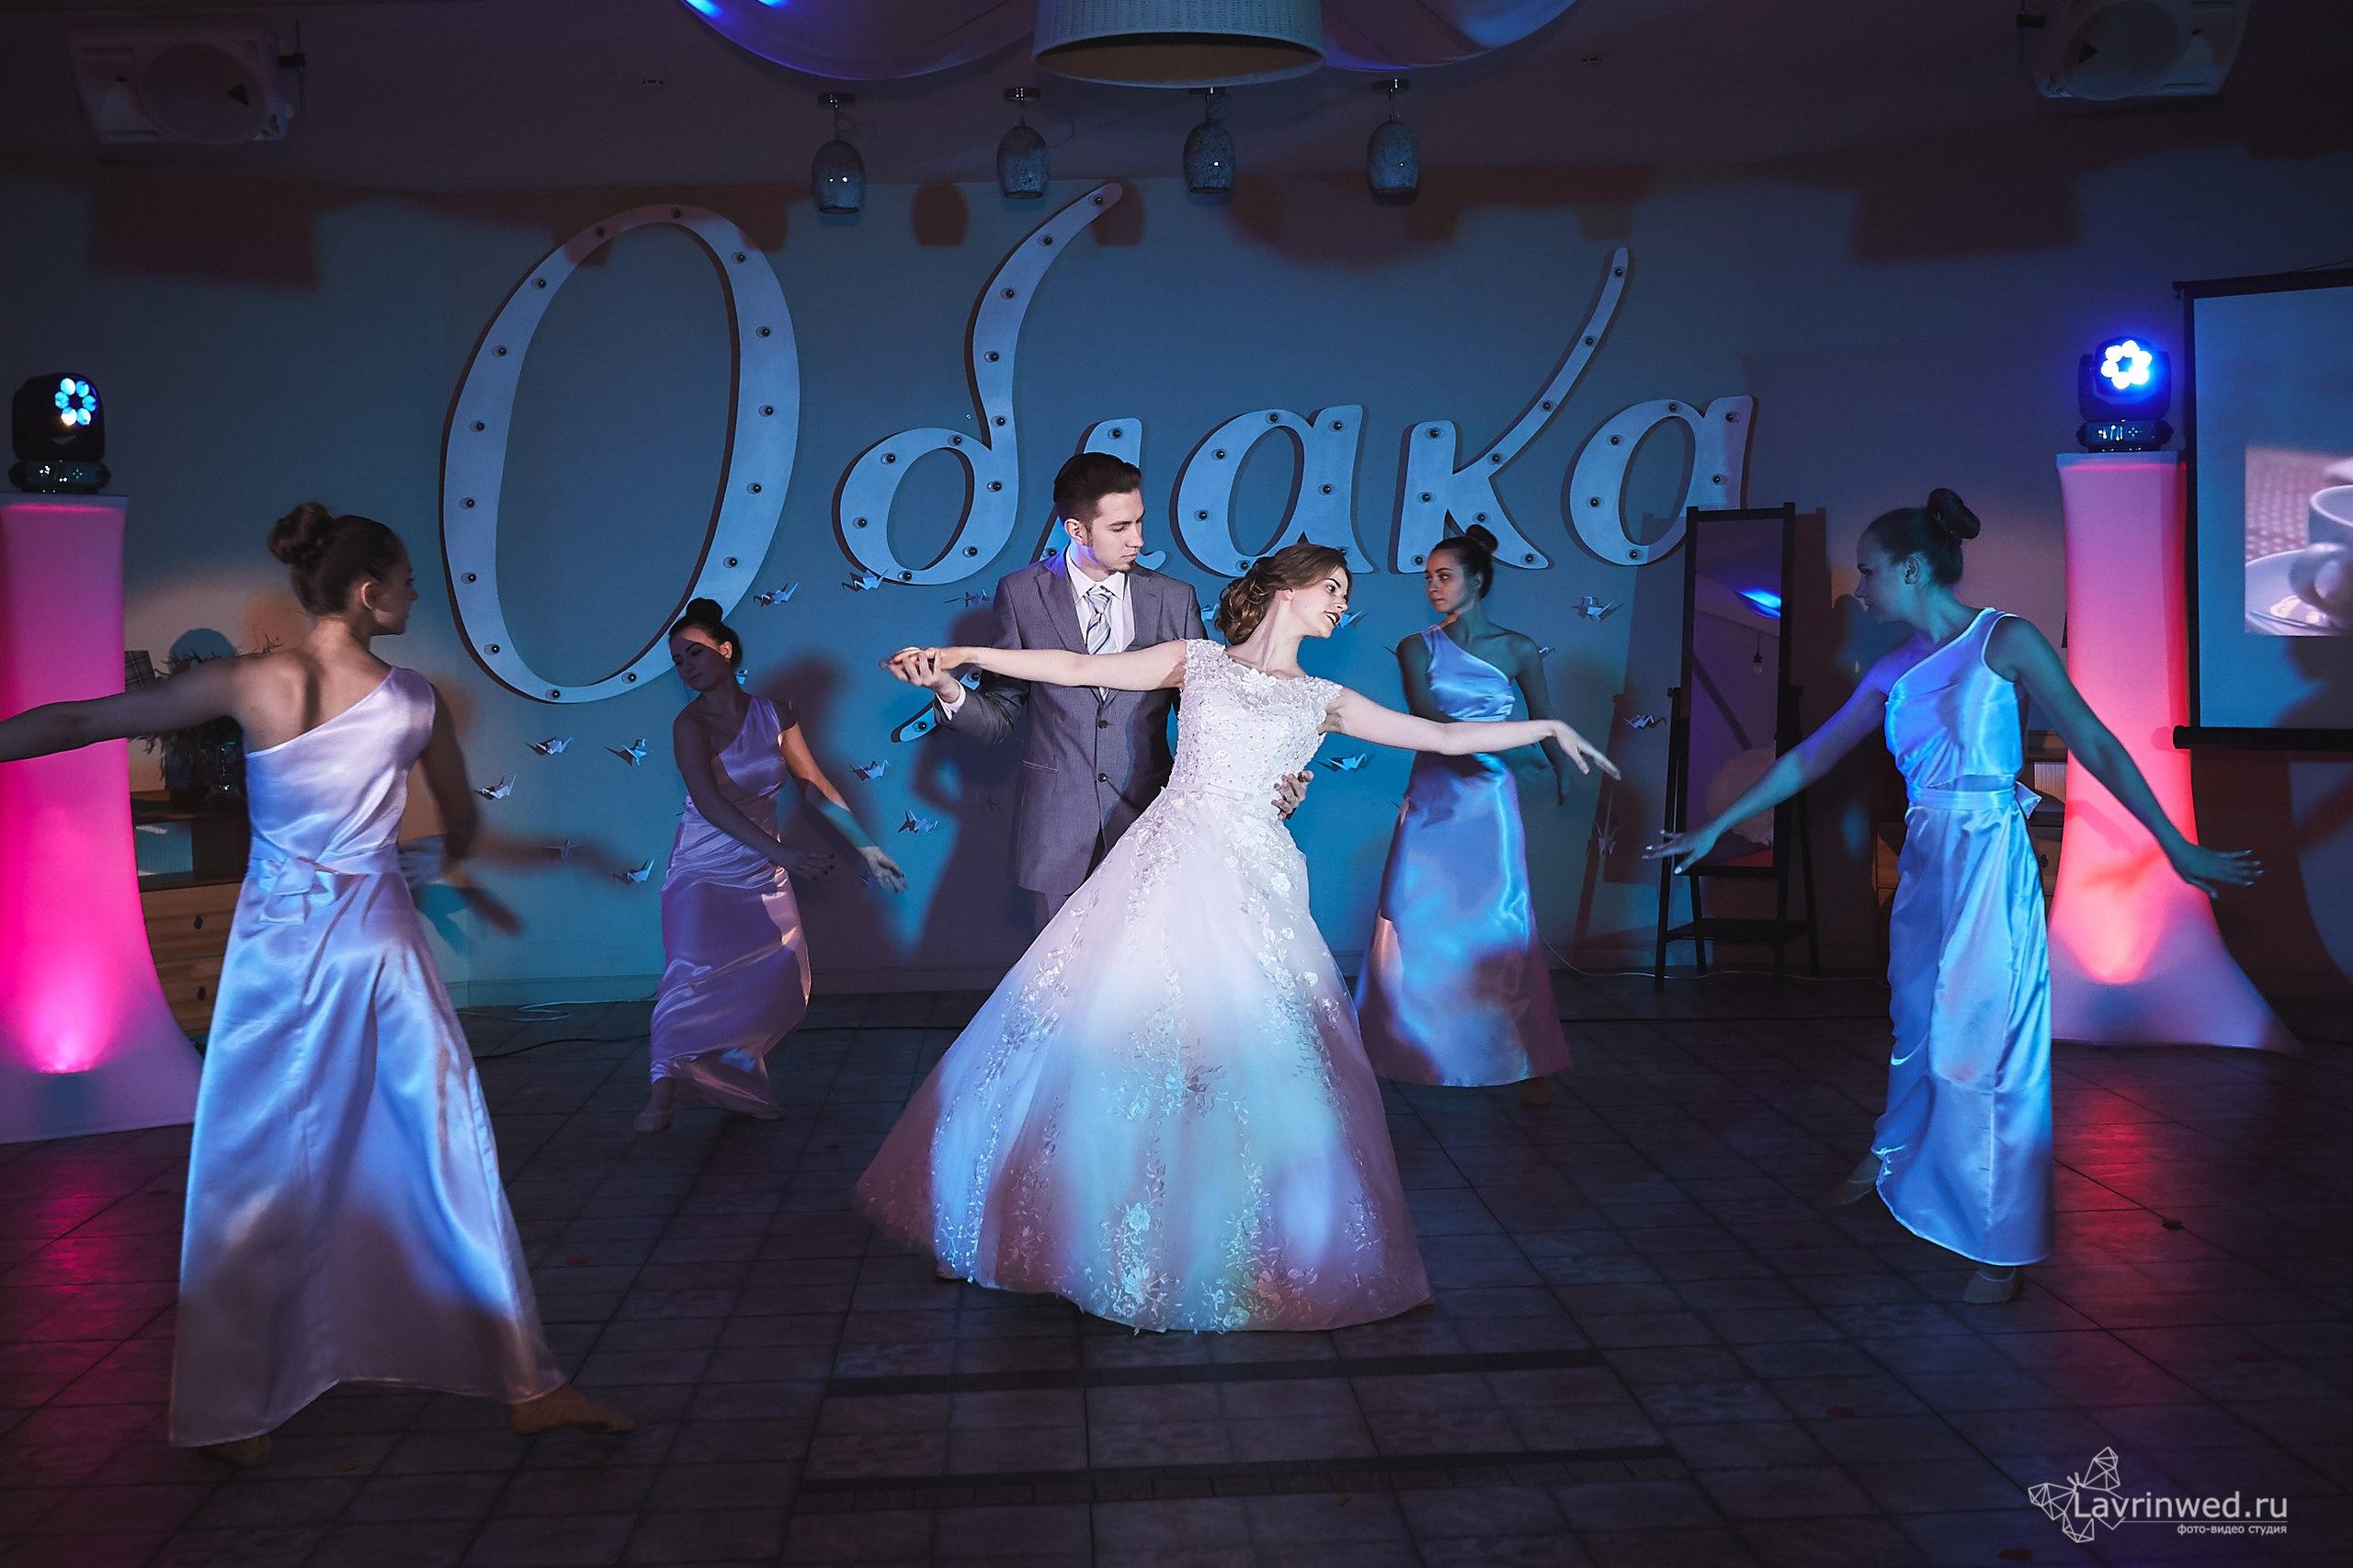 Студия постановки танца Алены Малышевой